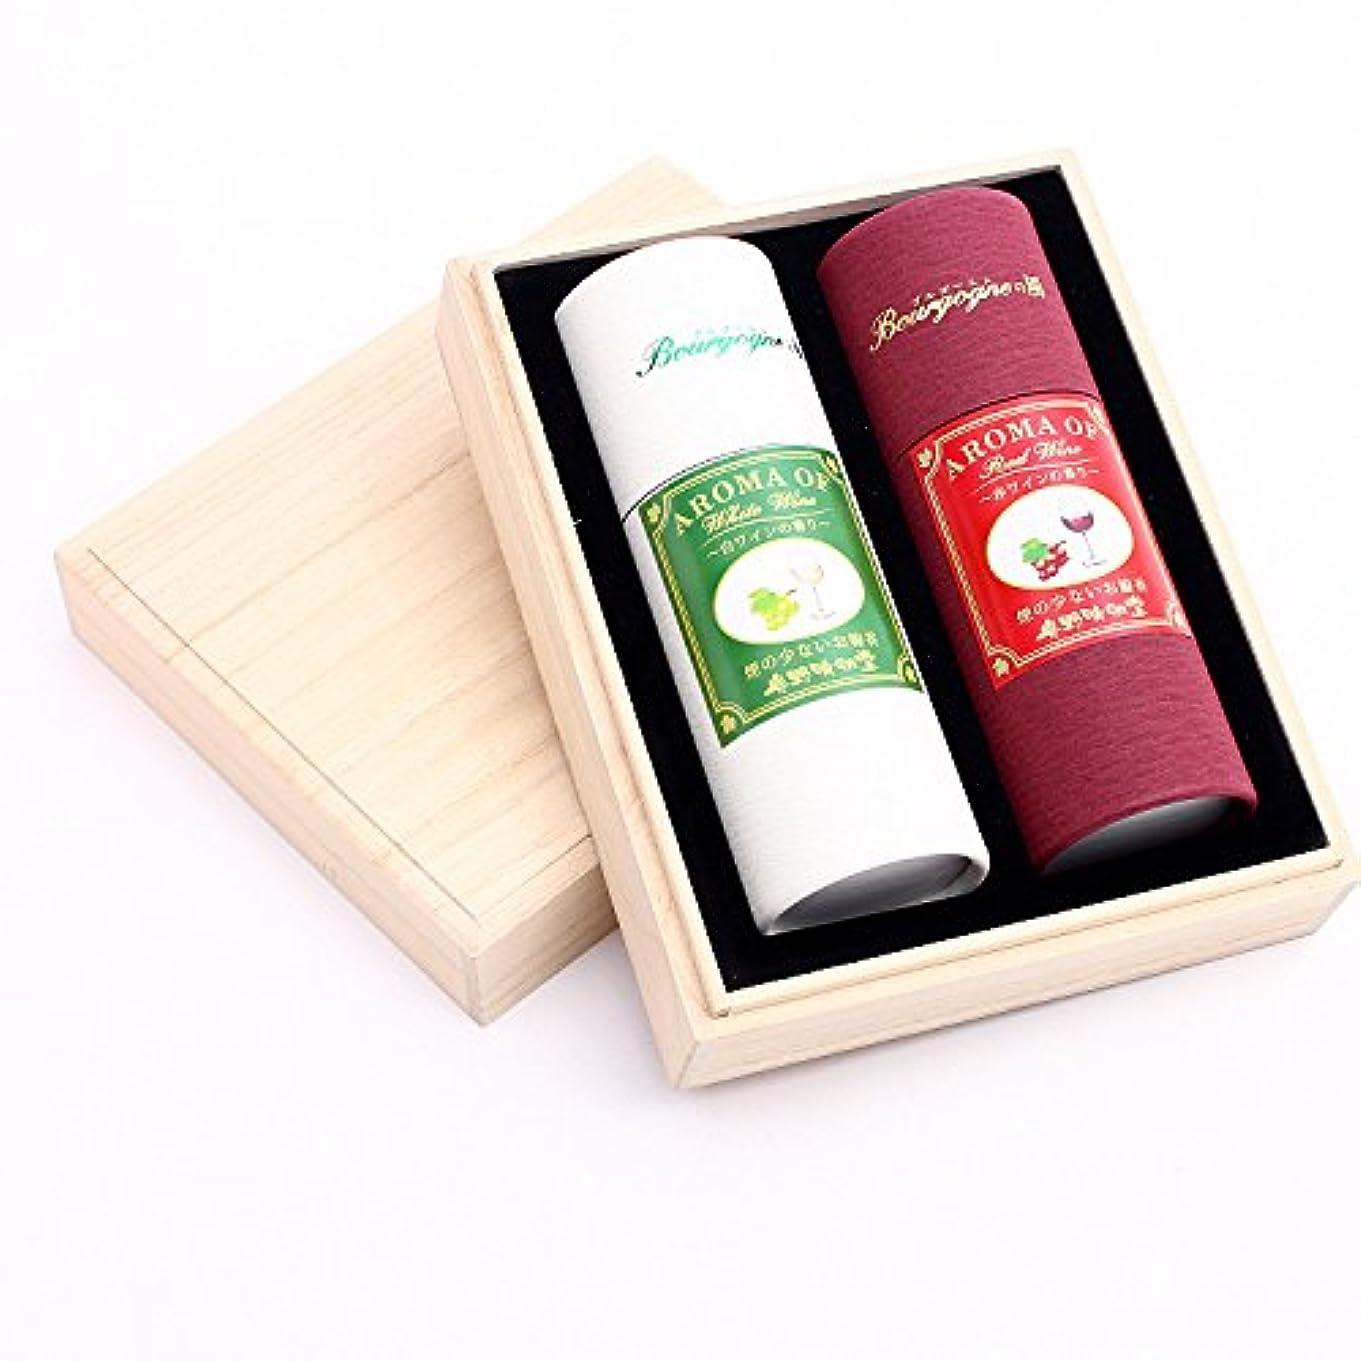 操る検出器シャツワインの香りのお線香 奥野晴明堂 Bourgogne(ブルゴーニュ)の風 赤?白ワインの香り 桐箱2本入り 28-3 微煙タイプ